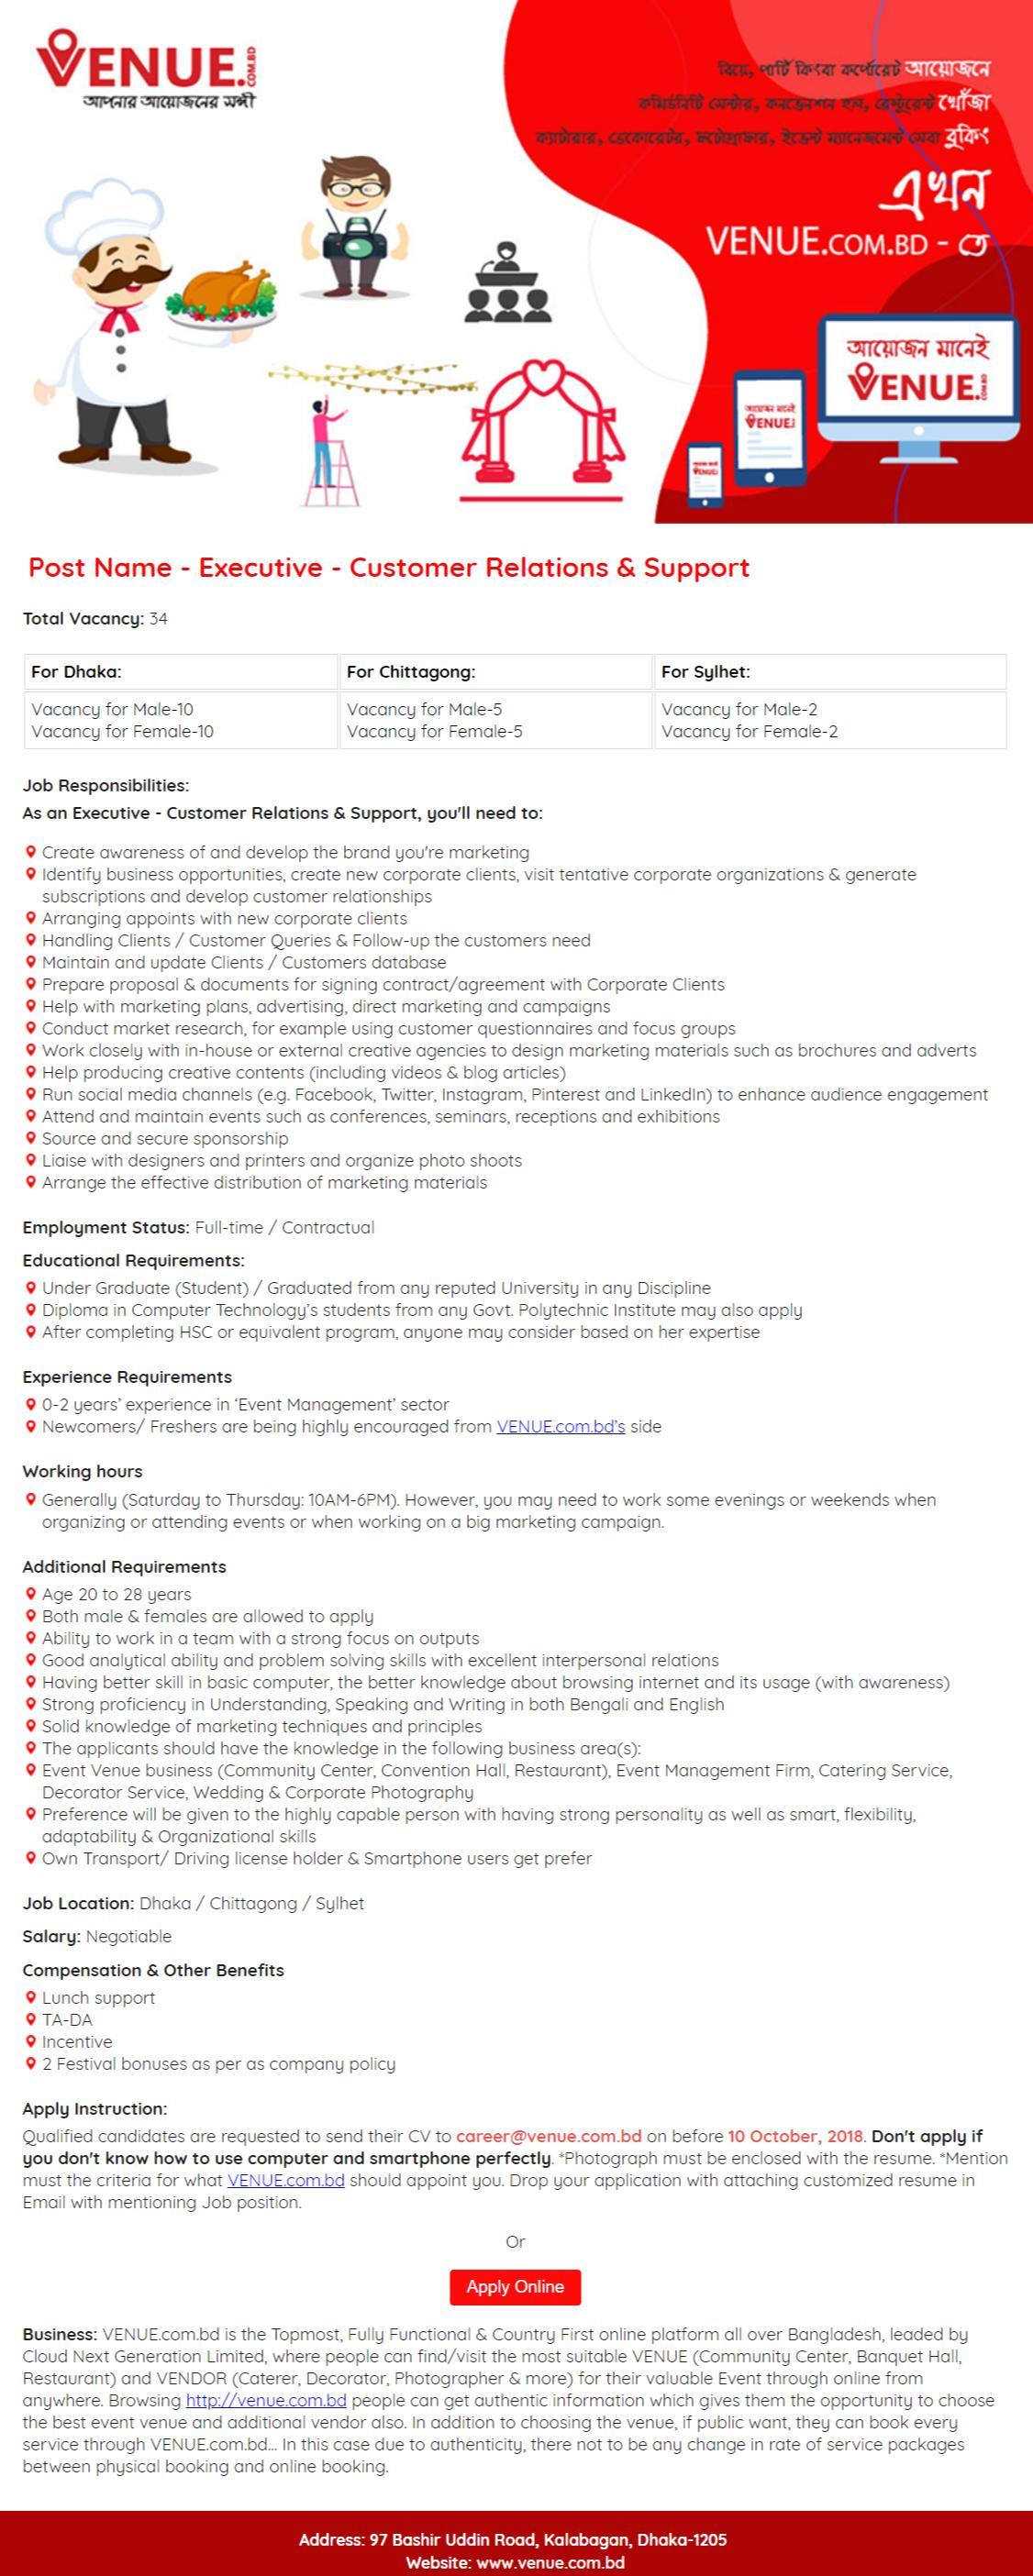 VENUE.com.bd Job Circular